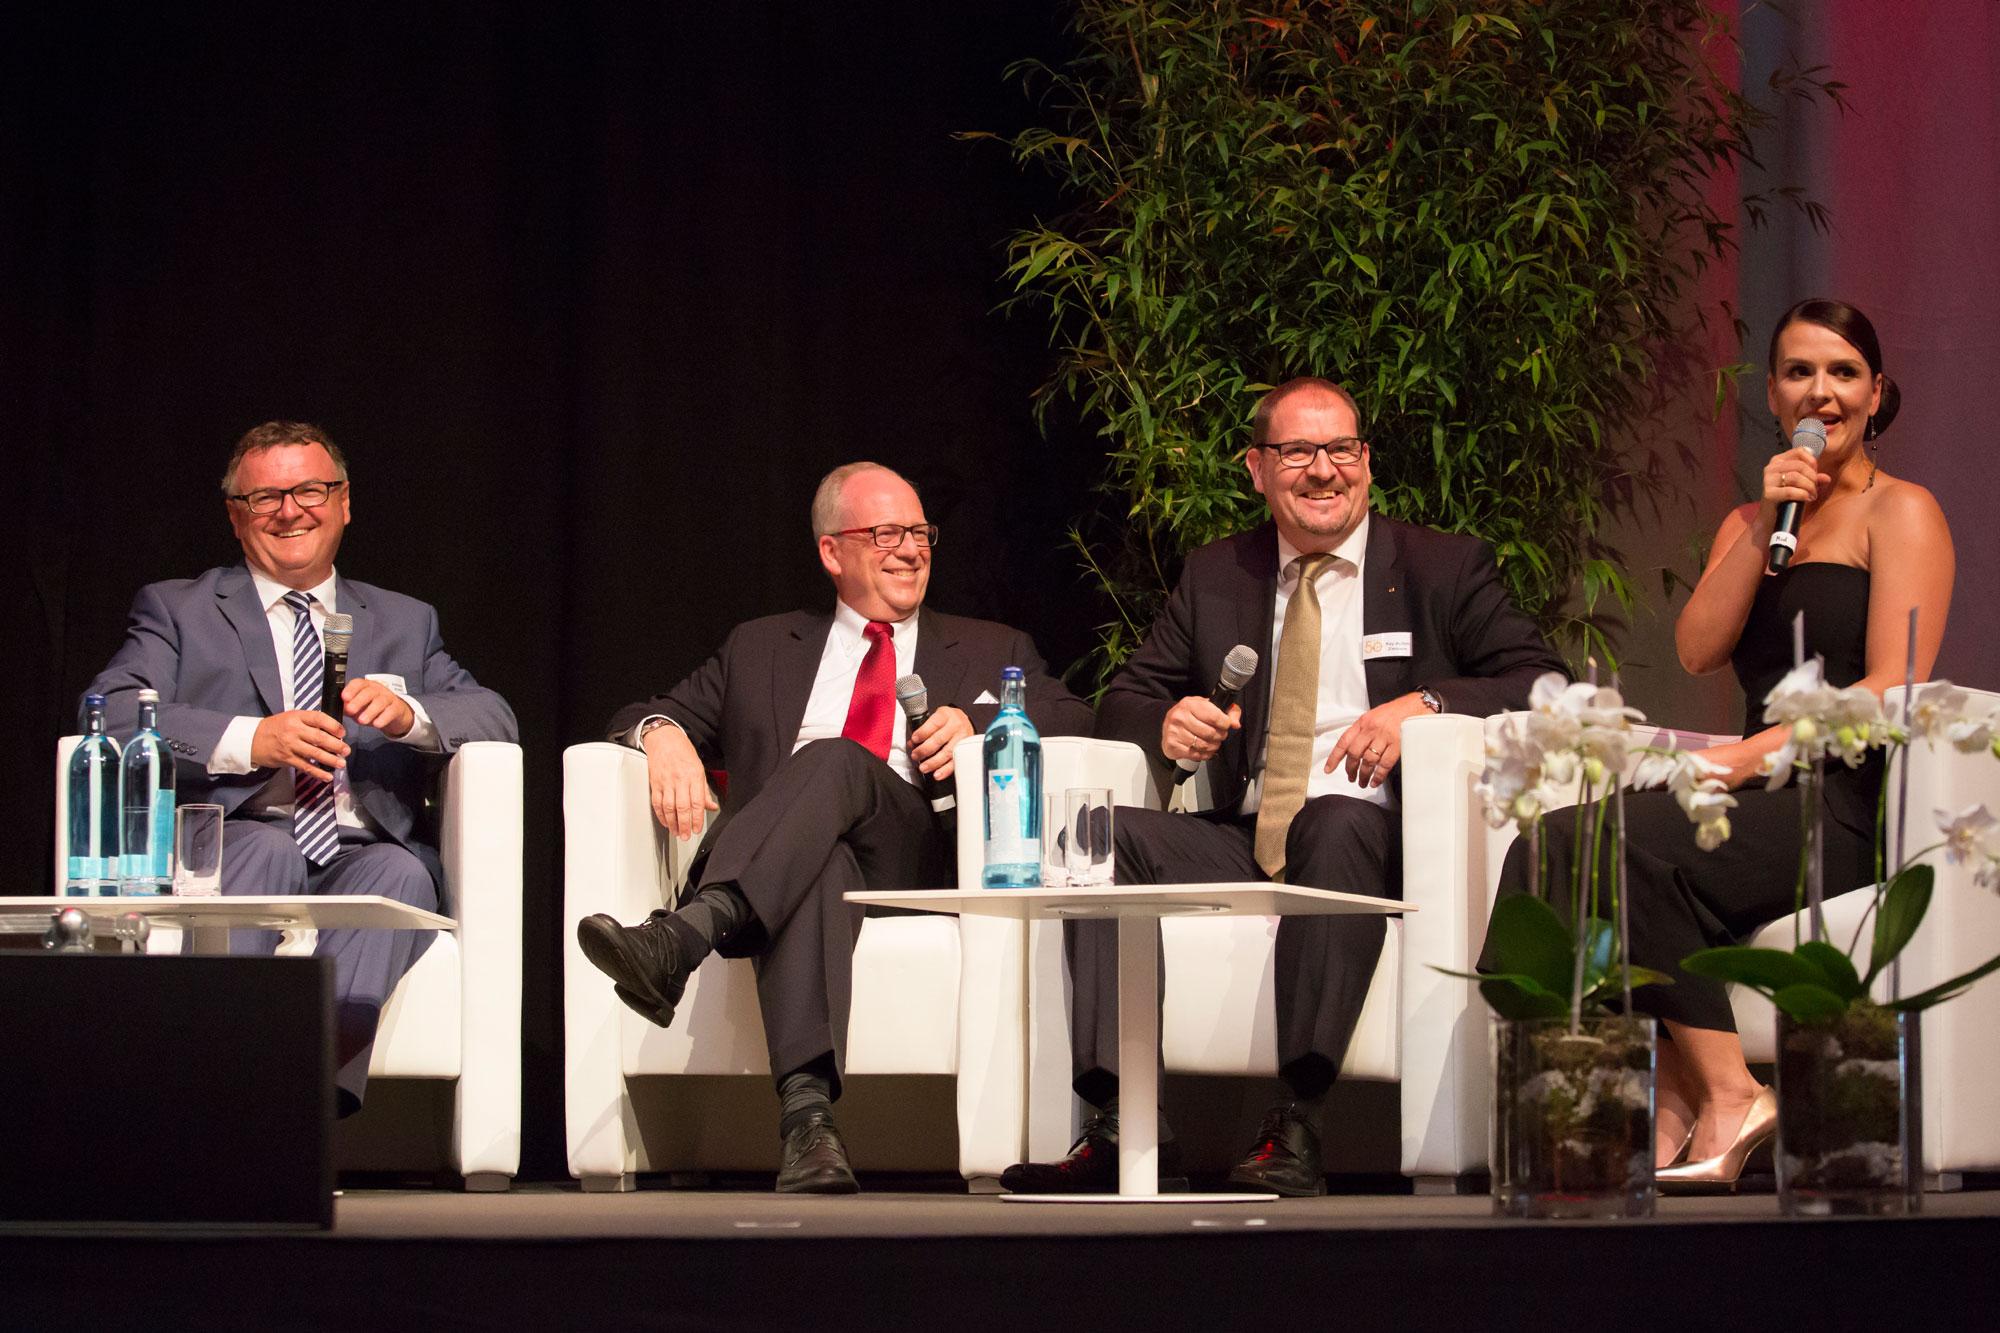 Andreas Brand, Oberbürgermeister von Friedrichshafen und als solcher Aufsichtsratsvorsitzender von Zeppelin, Robert Droogleever, Manager von Caterpillar Global Mining in Europa, Kay-Achim Ziemann, Zeppelin Vertriebsdirektor von NRW , und Julia Heiser, Moderatorin (von links).